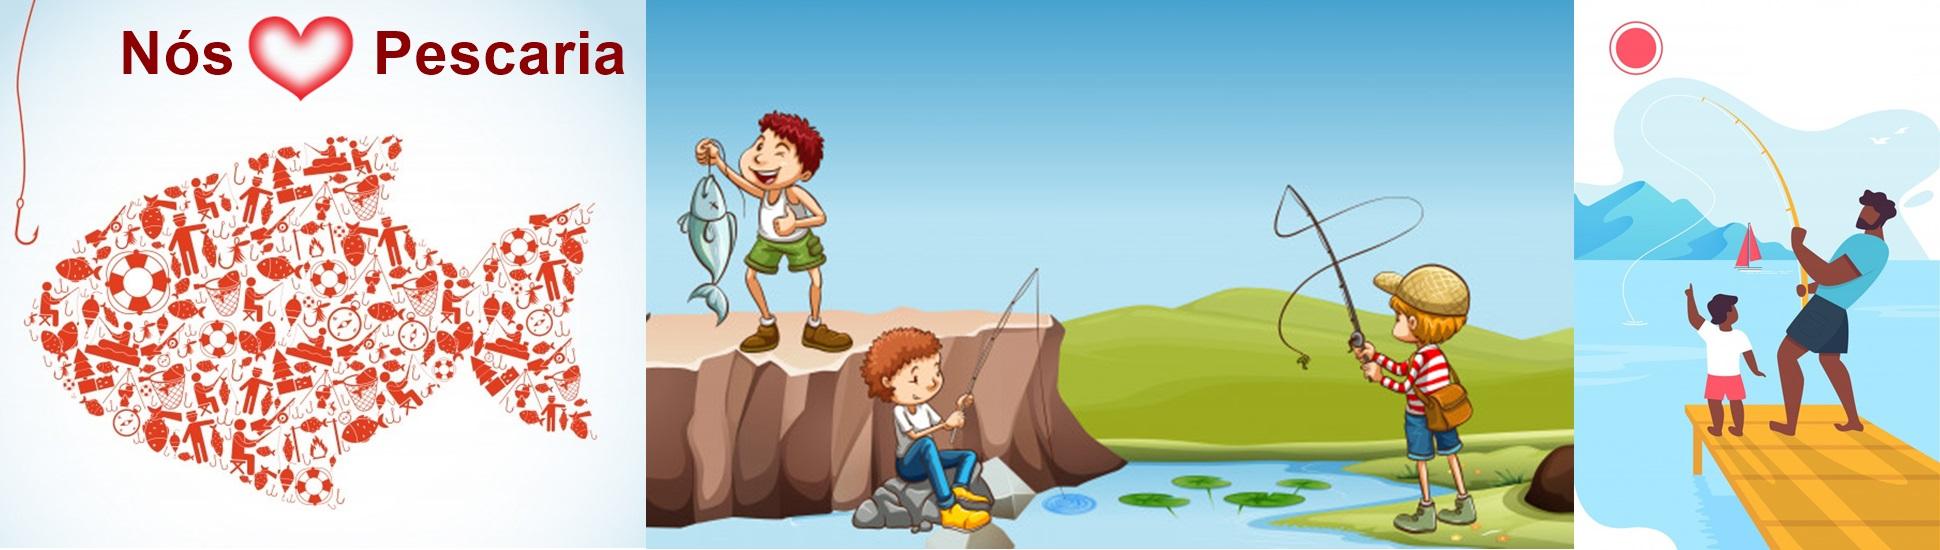 Amor Pescaria